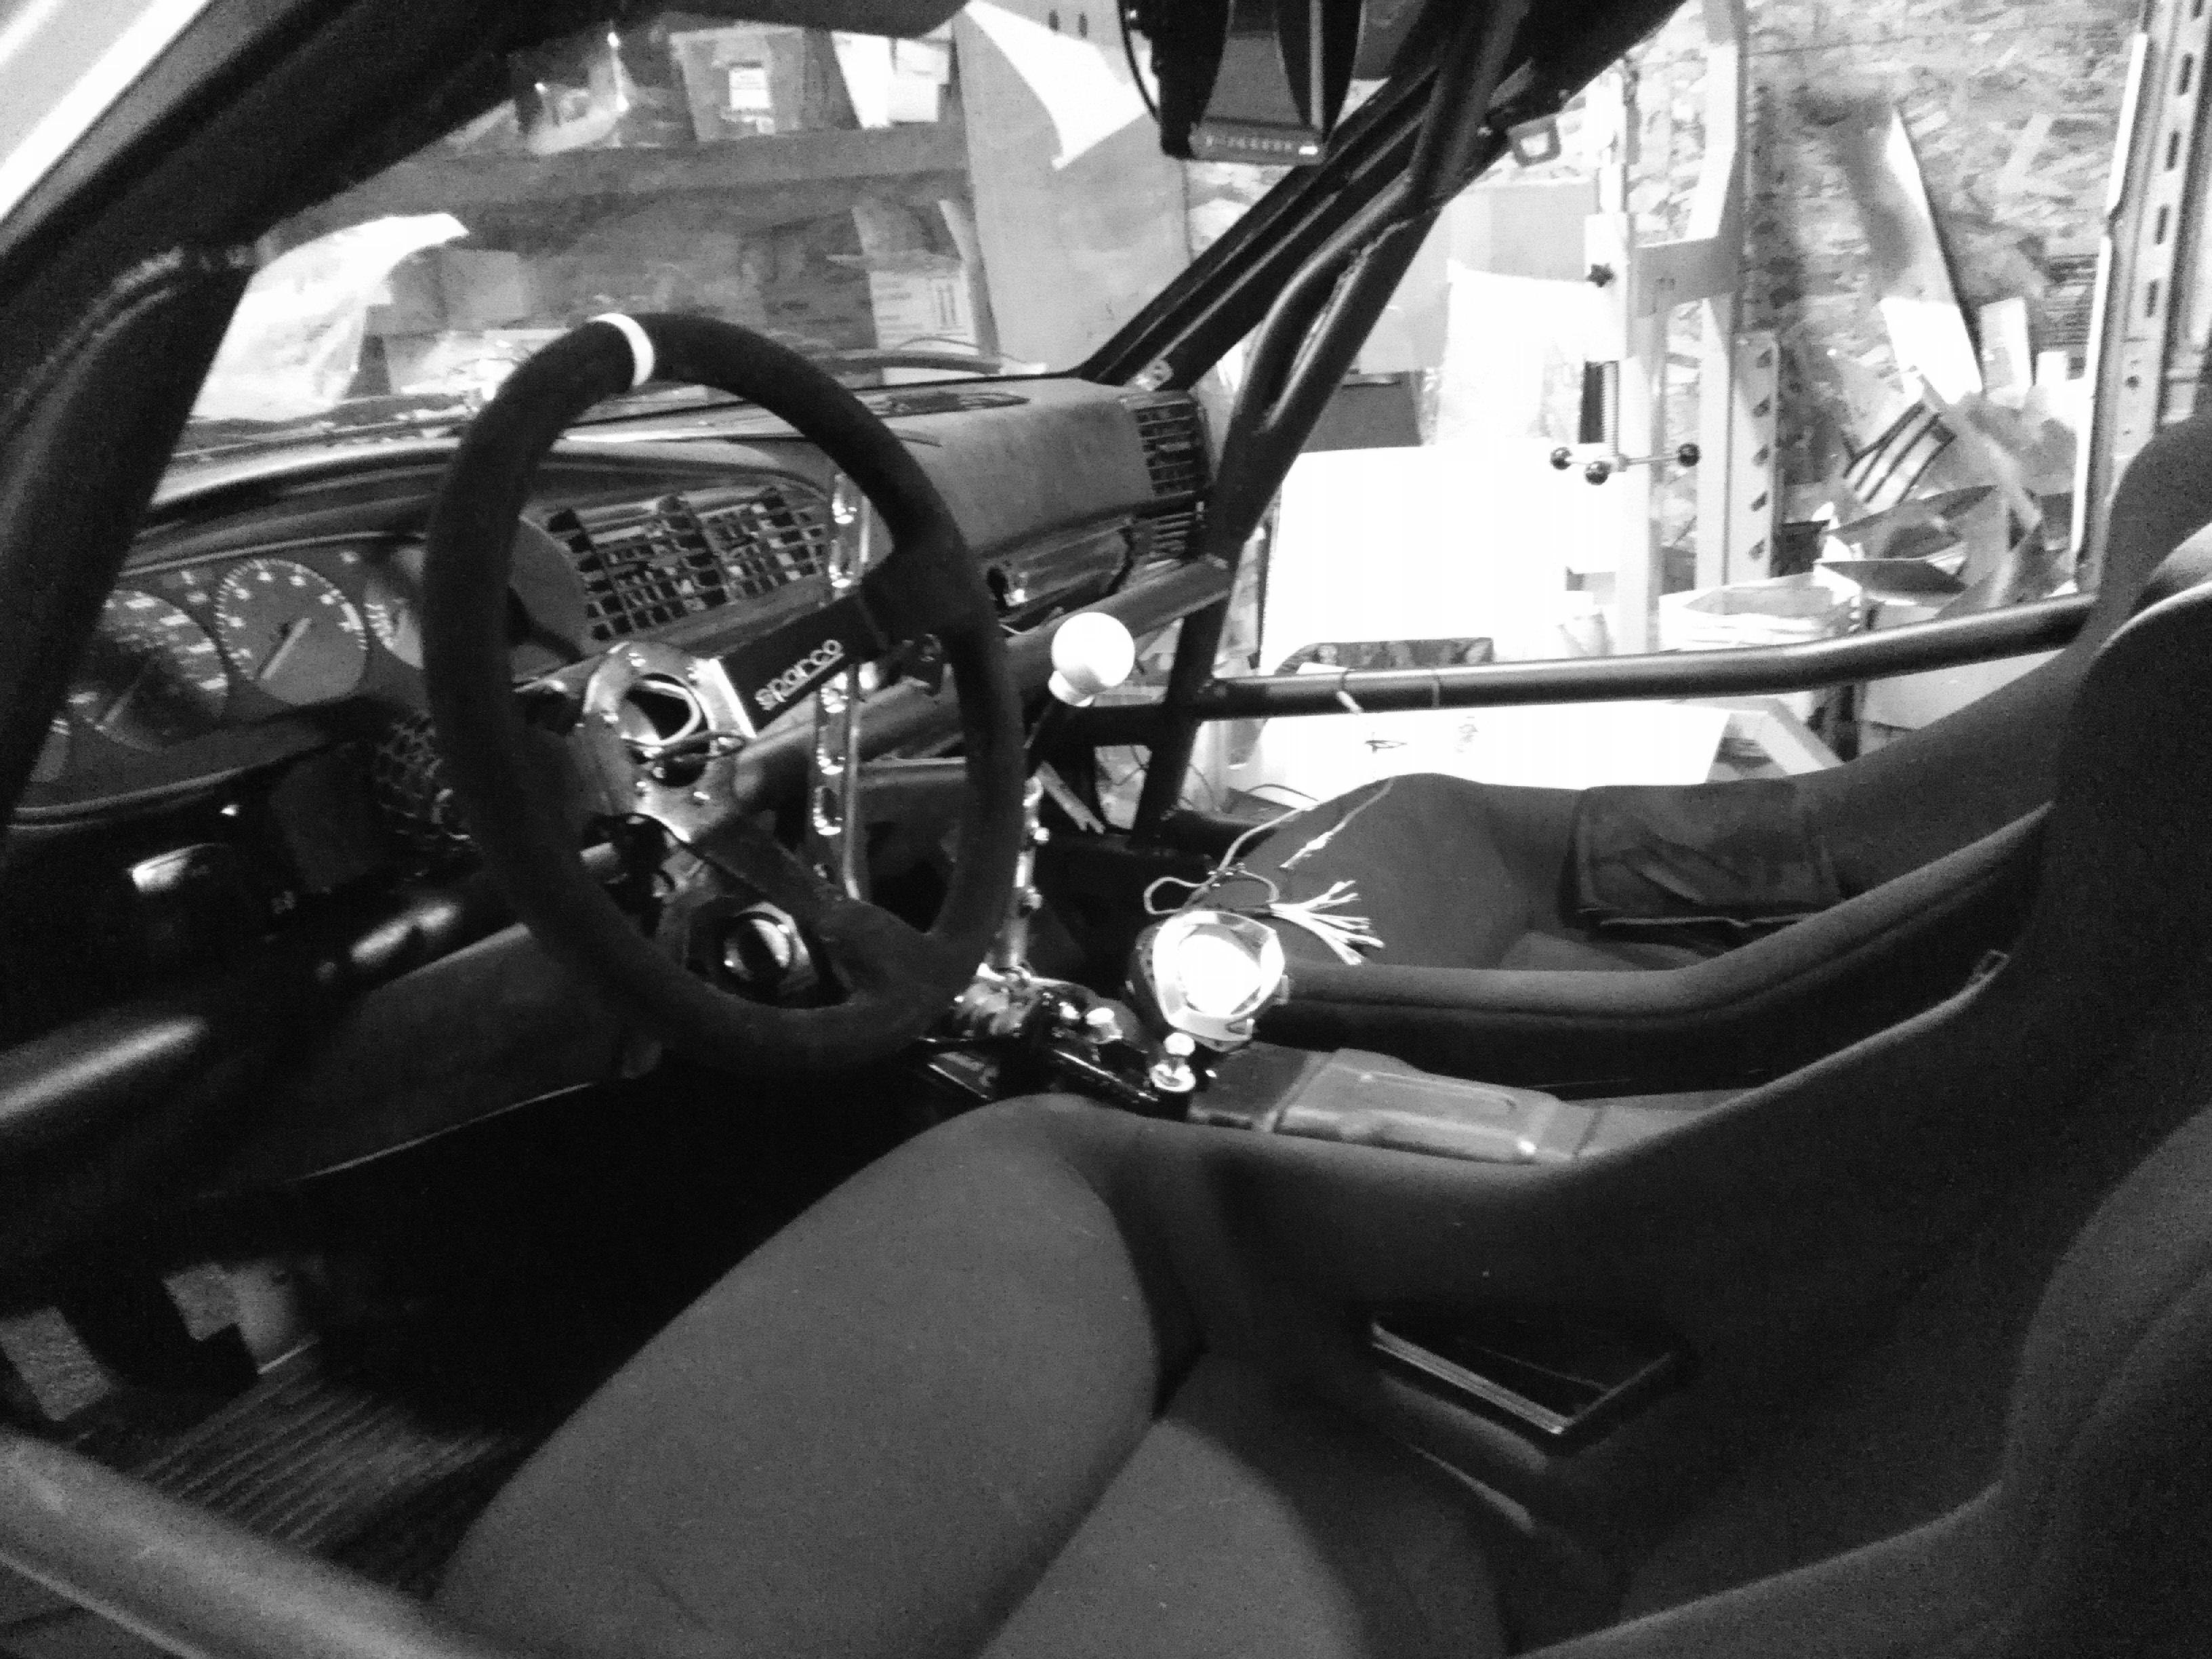 interior_001.jpg